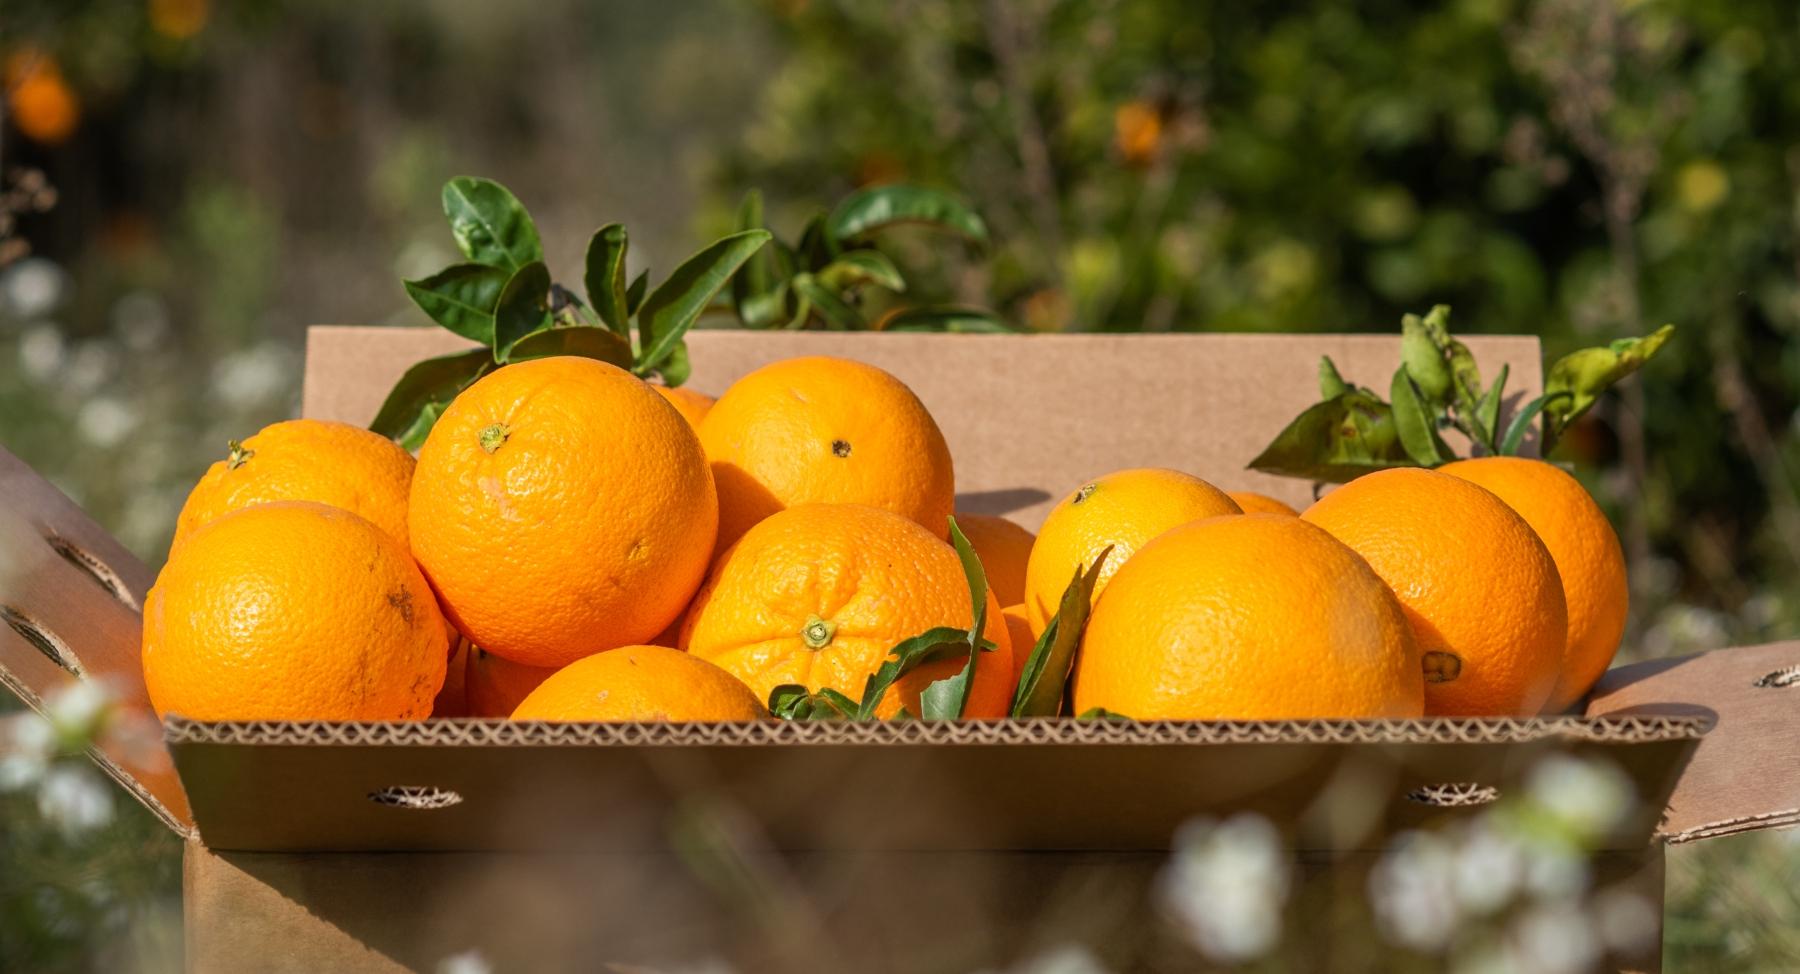 Naranjas orgánicas en una caja de cartón